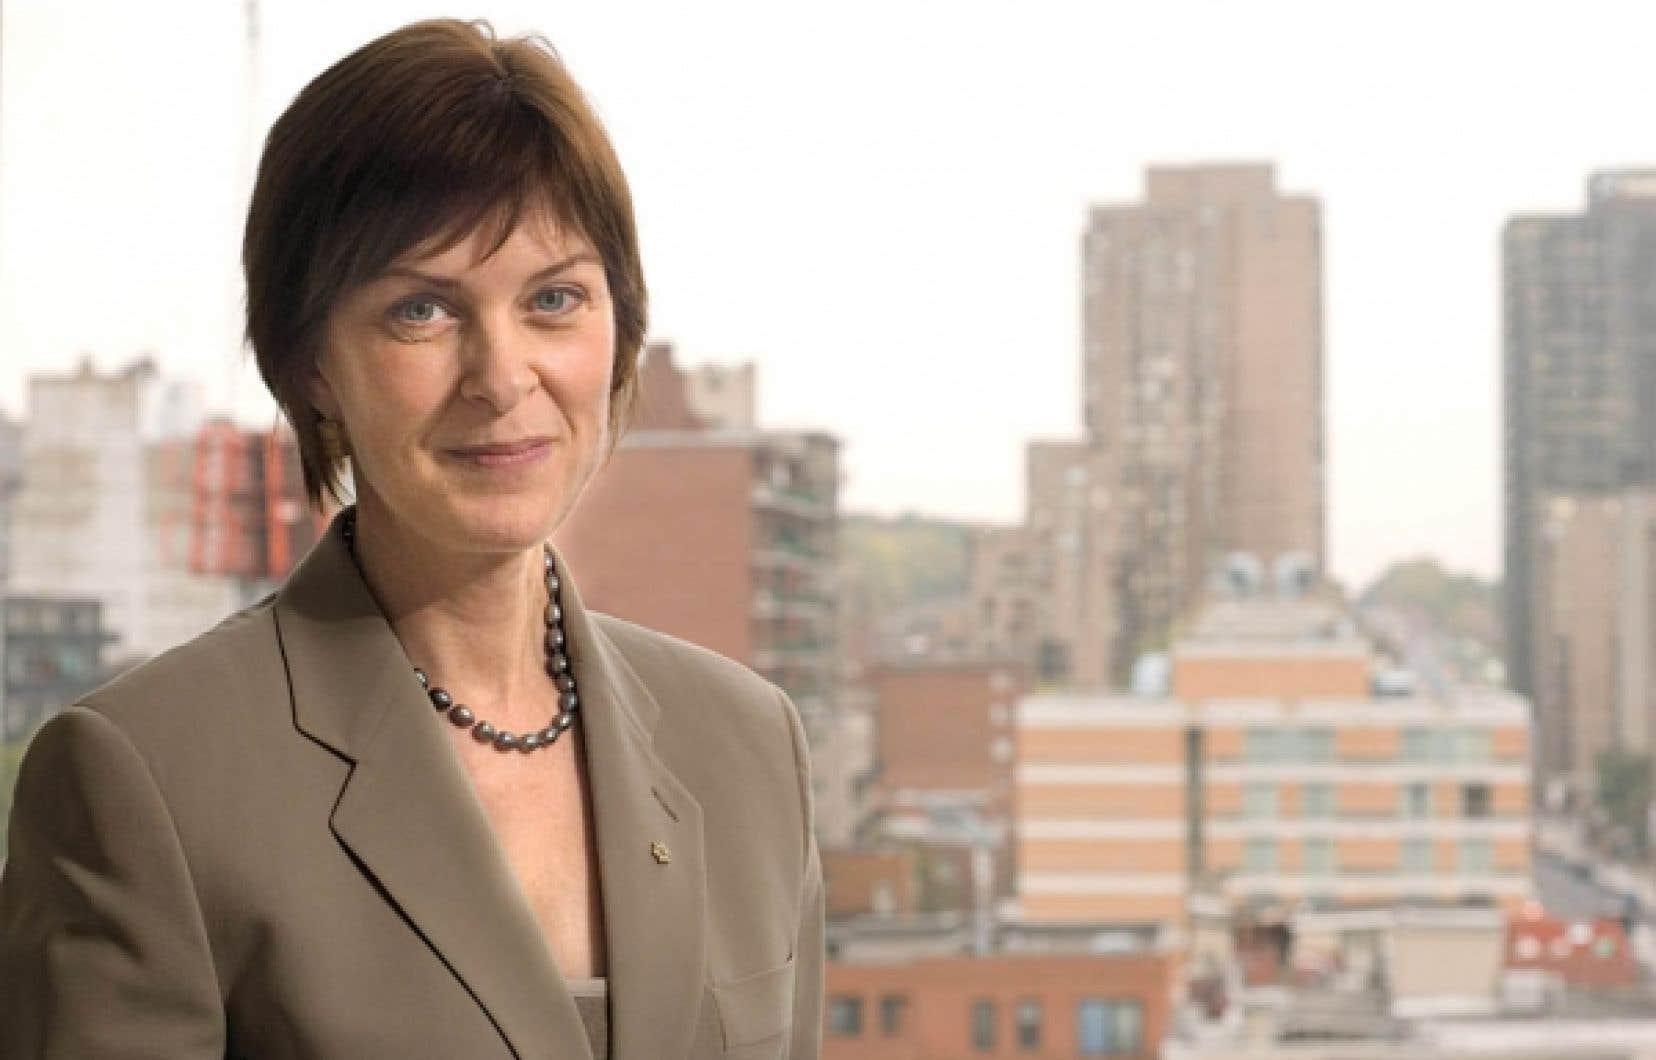 Heather Munroe-Blum: «Les Québécois valorisent l'équité et la justice sociale. Or, il n'est pas équitable de puiser à même les impôts de familles à faible revenu pour subventionner la formation des étudiants les plus nantis. Il n'est pas équitable non plus que les étudiants québécois paient aujourd'hui beaucoup moins qu'à la fin des années 1960 pour leur formation universitaire.»